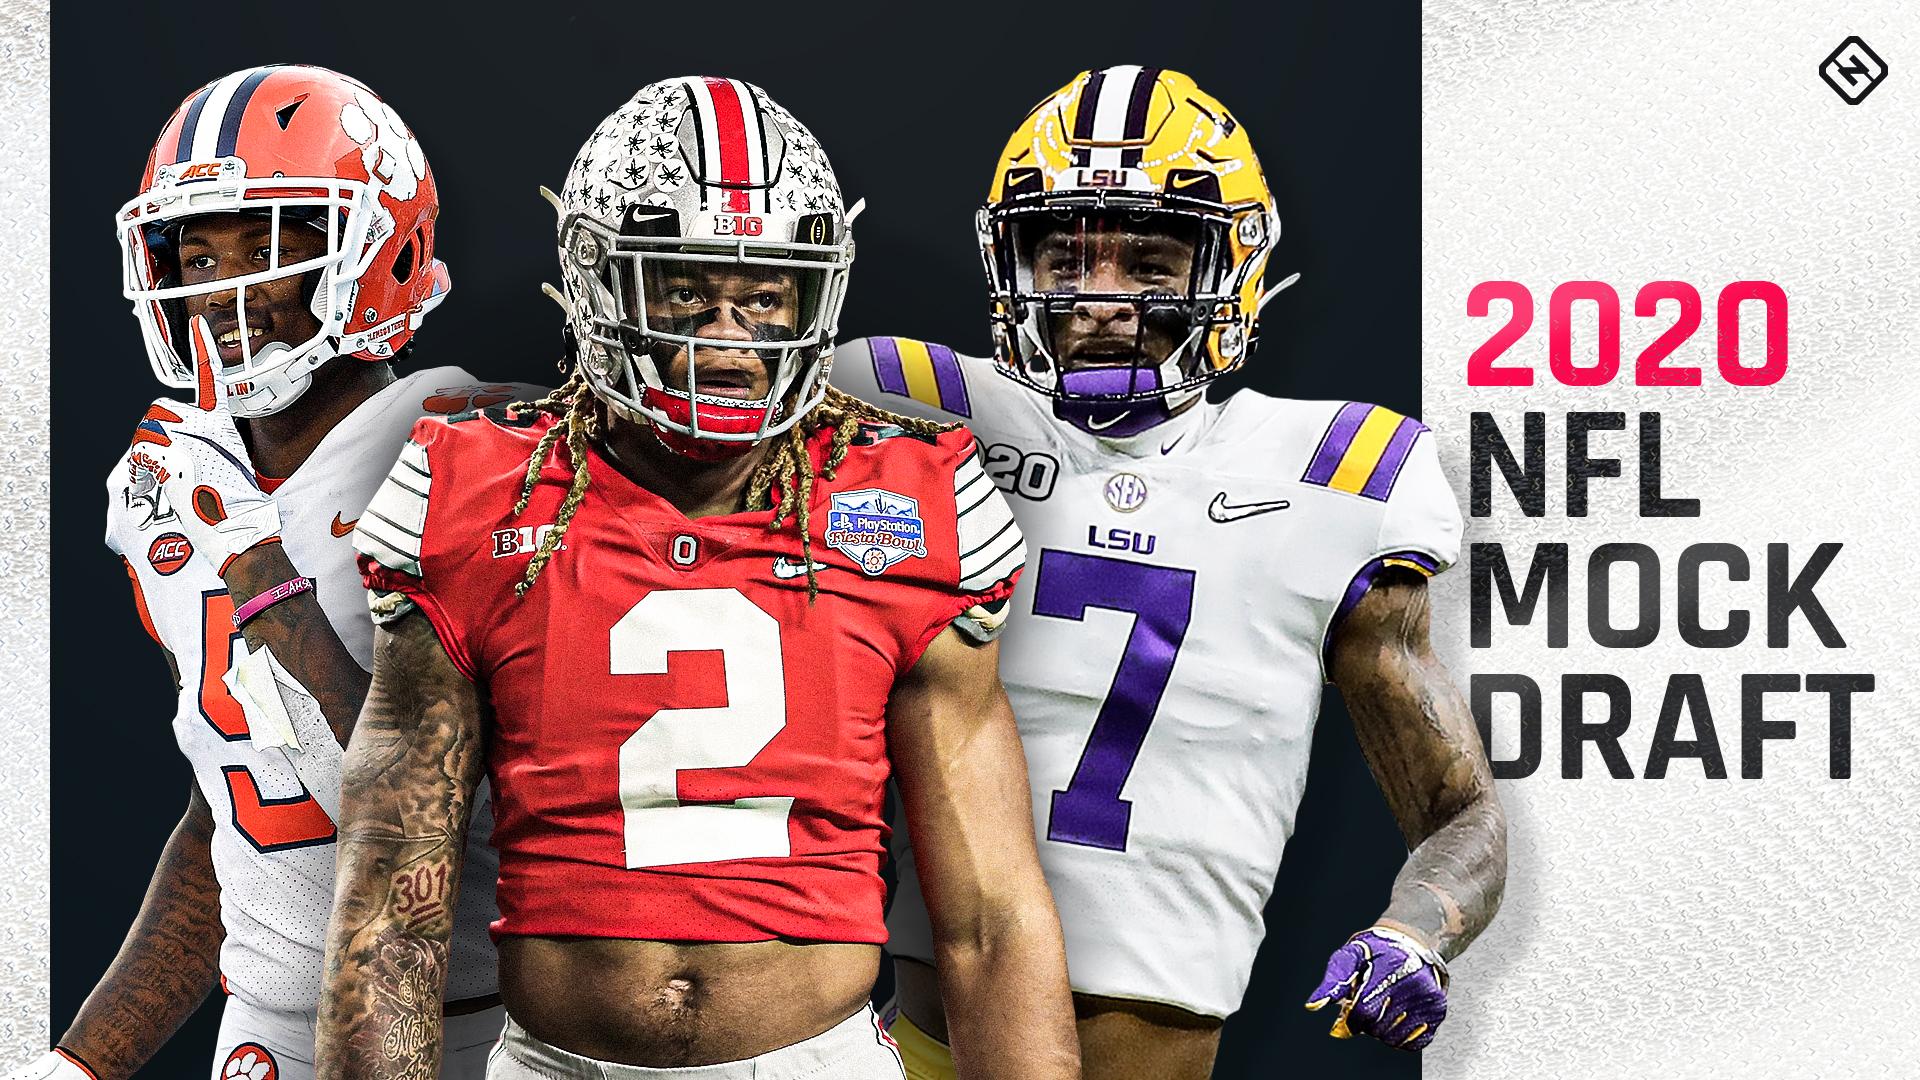 Draft simulado de la NFL 2020: los resultados de la combinación sacuden las selecciones de primera ronda para Cowboys, Packers, Browns, otros 26